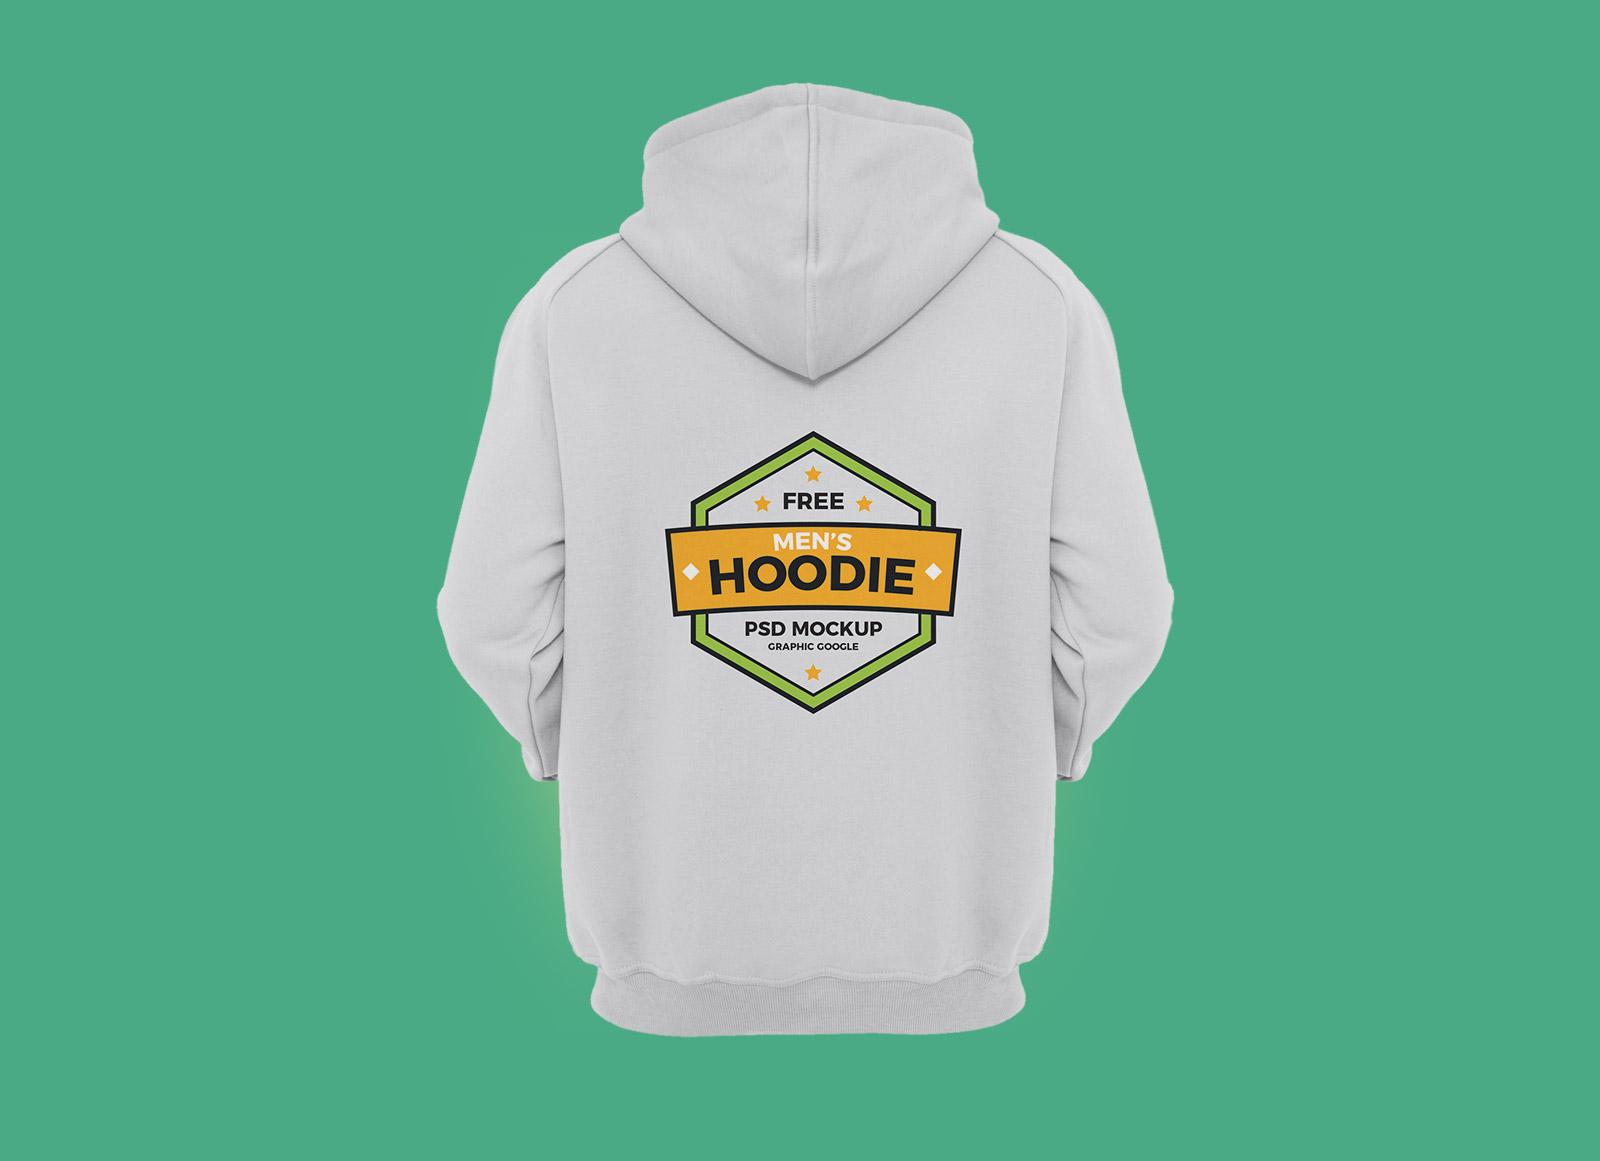 Free-Men's-Hoodie-Tshirt-Mockup-PSD-File